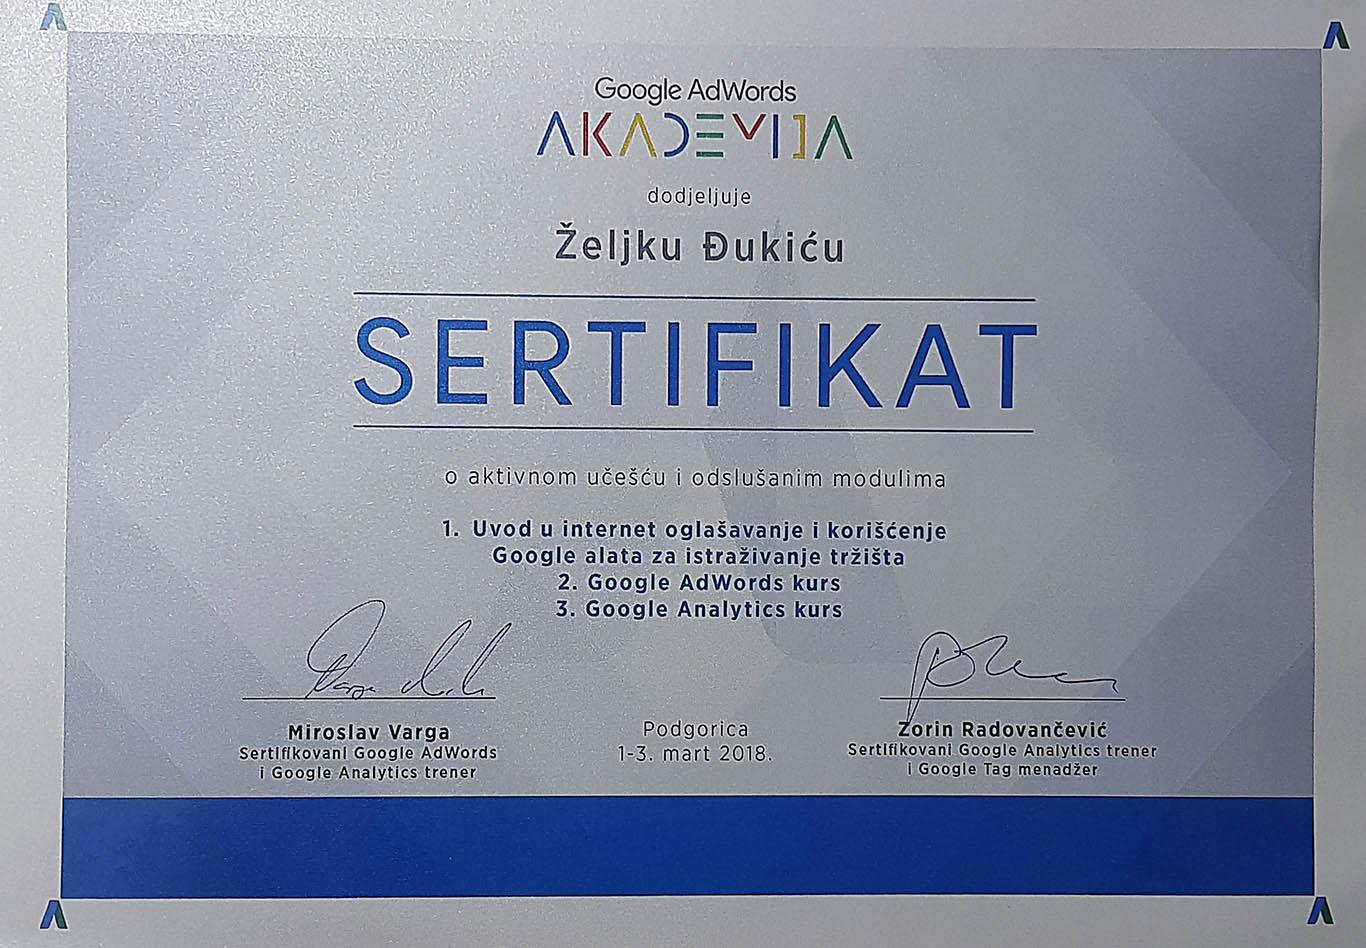 Djukic Zeljko